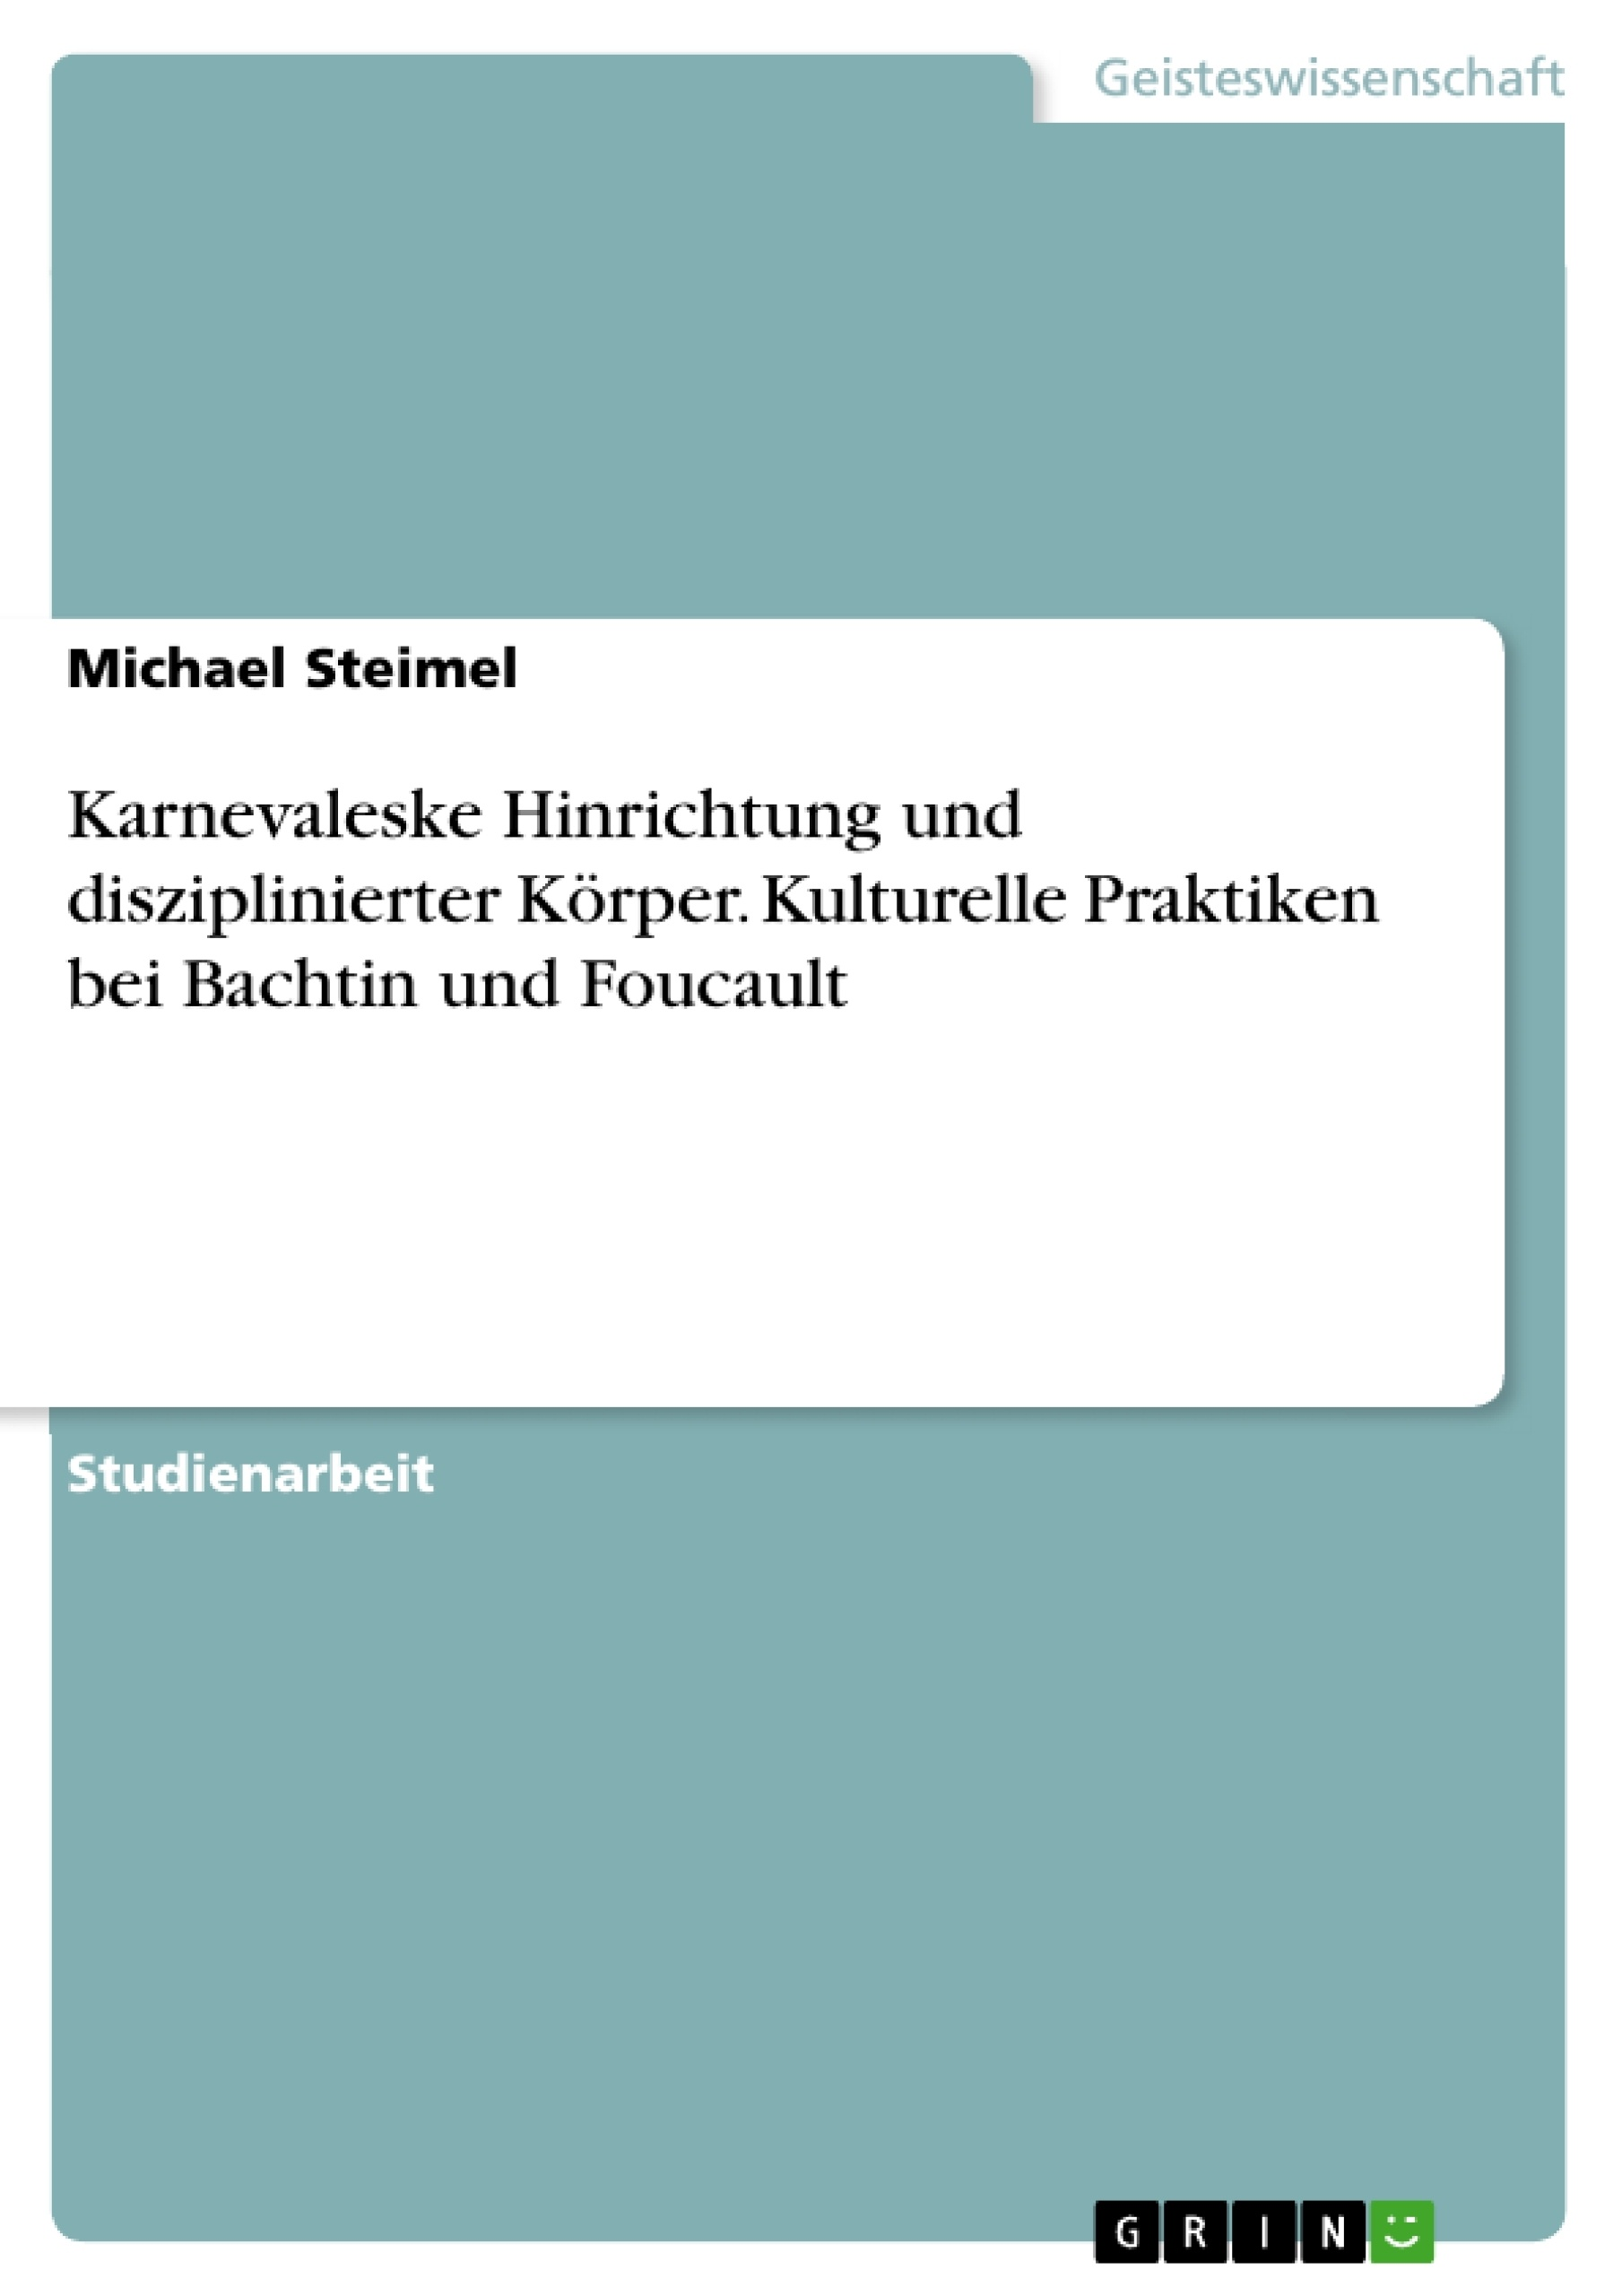 Titel: Karnevaleske Hinrichtung und disziplinierter Körper. Kulturelle Praktiken bei Bachtin und Foucault